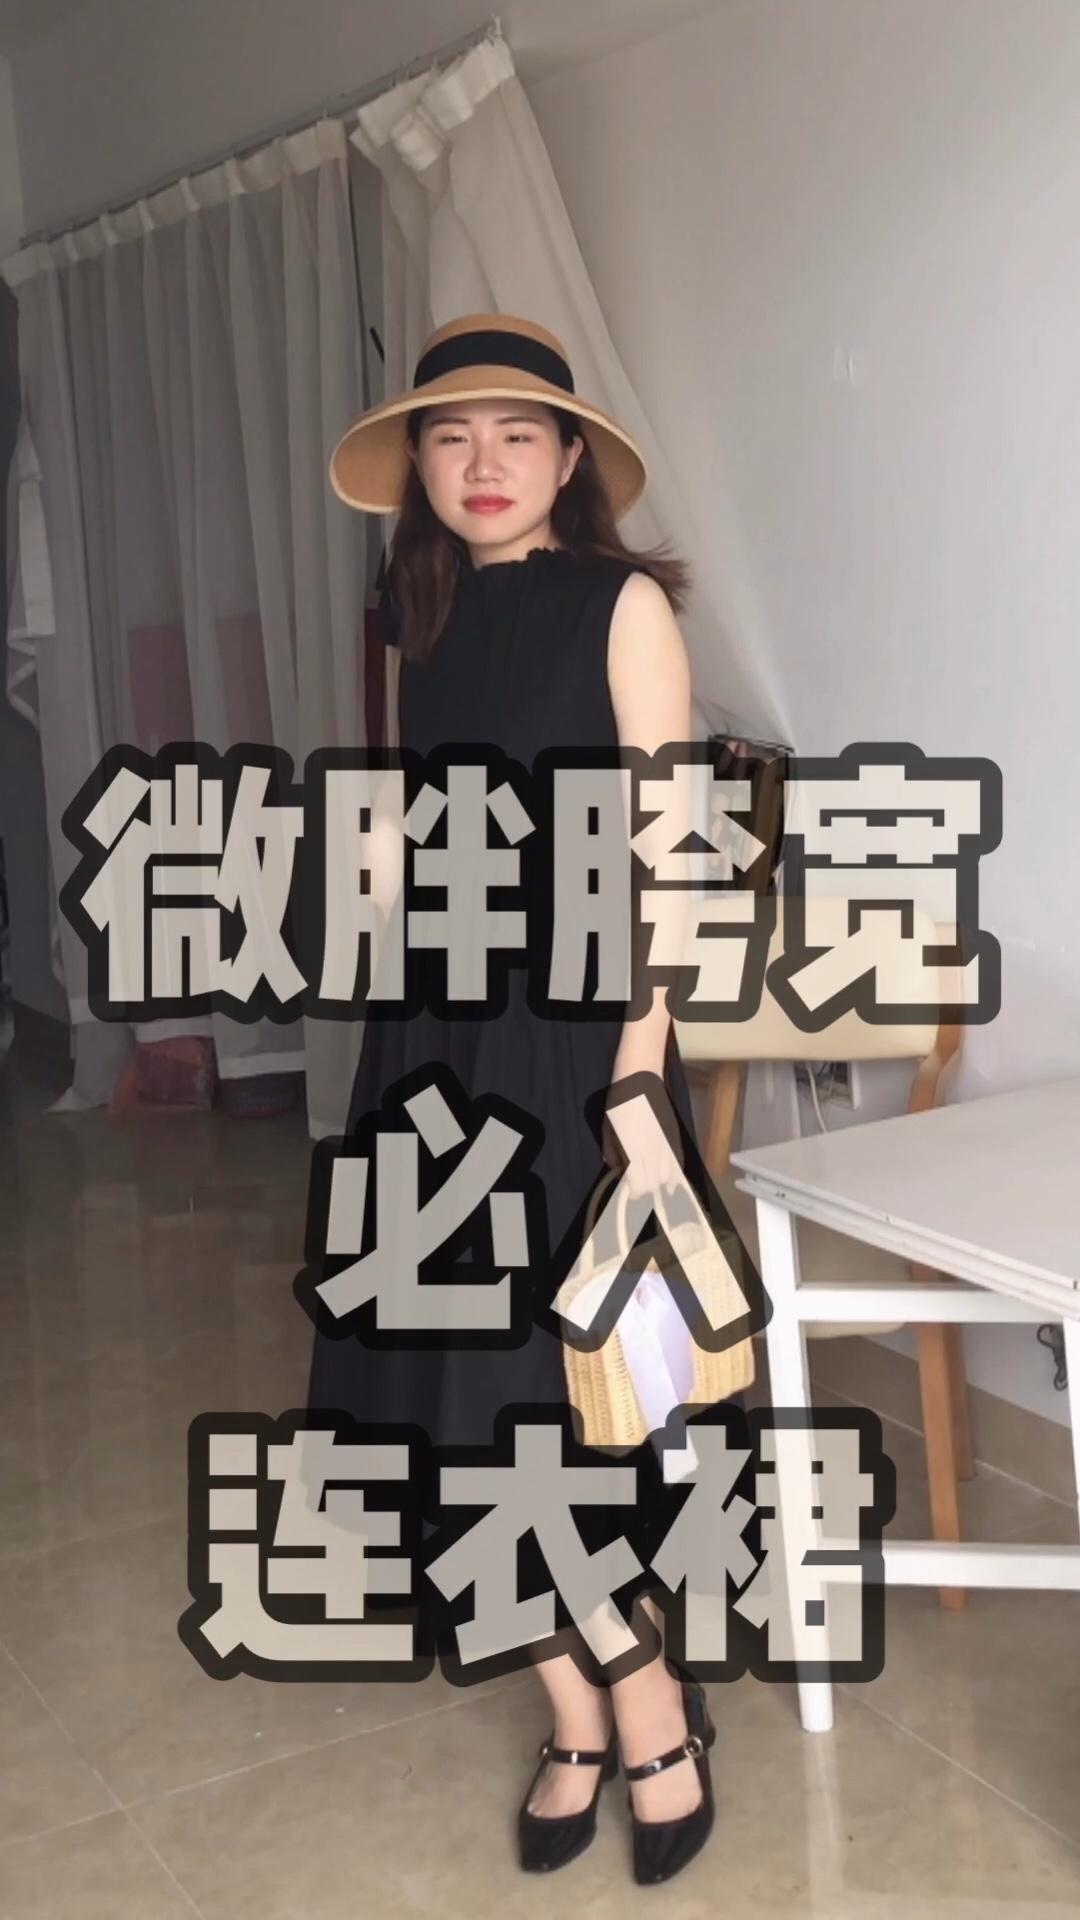 胯宽女生必入连衣裙!黑色压褶无袖连衣裙 炒鸡赫本风风的一款裙子 很有气质 裙摆很大 穿起来很特别 也很有气场哦#提问:夏日如何穿出富家女感?#